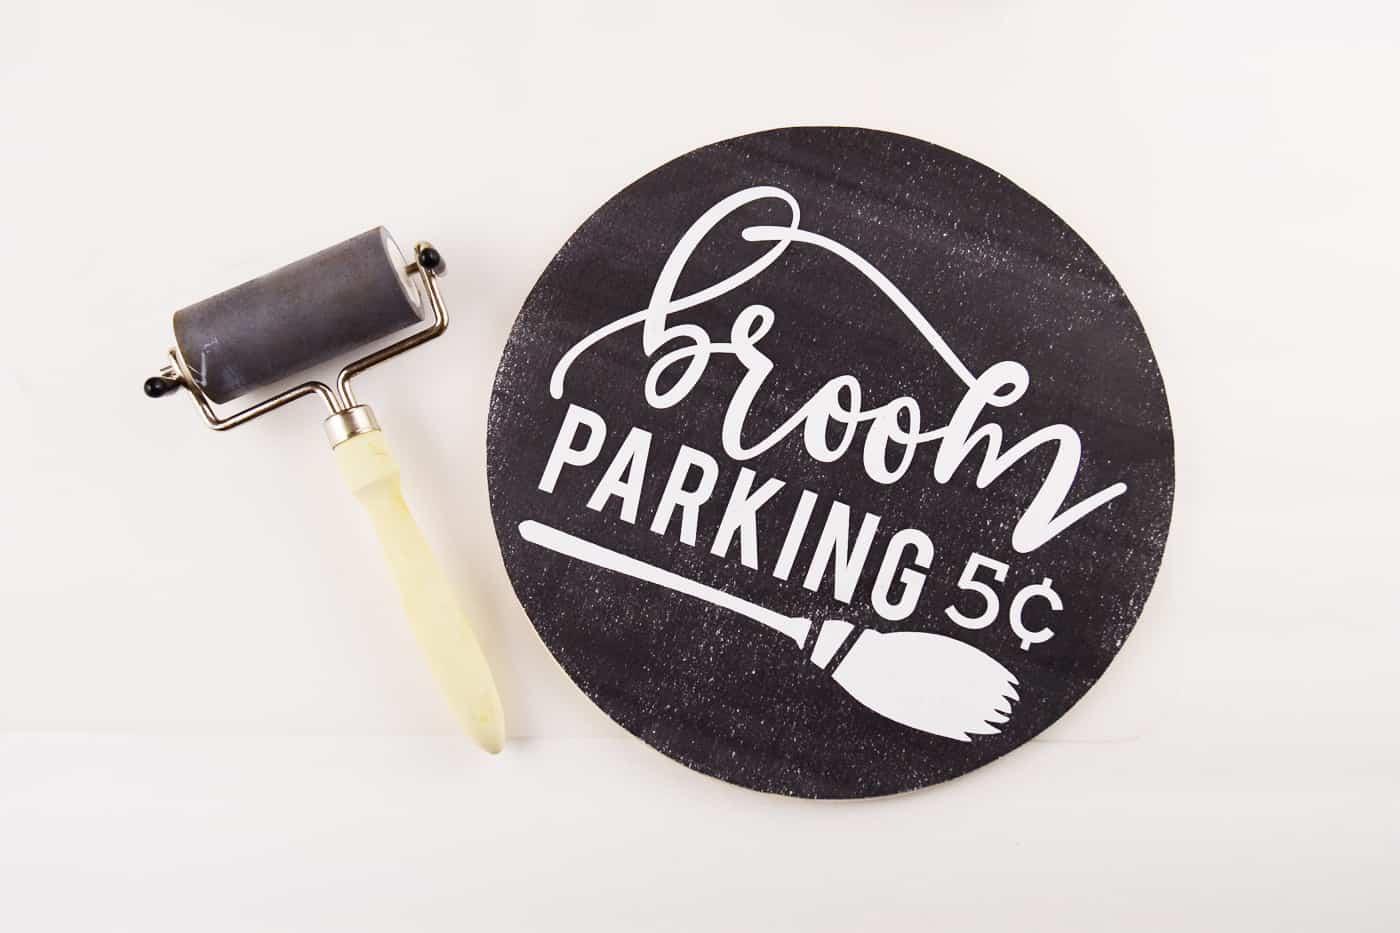 broom-parking-sign-3